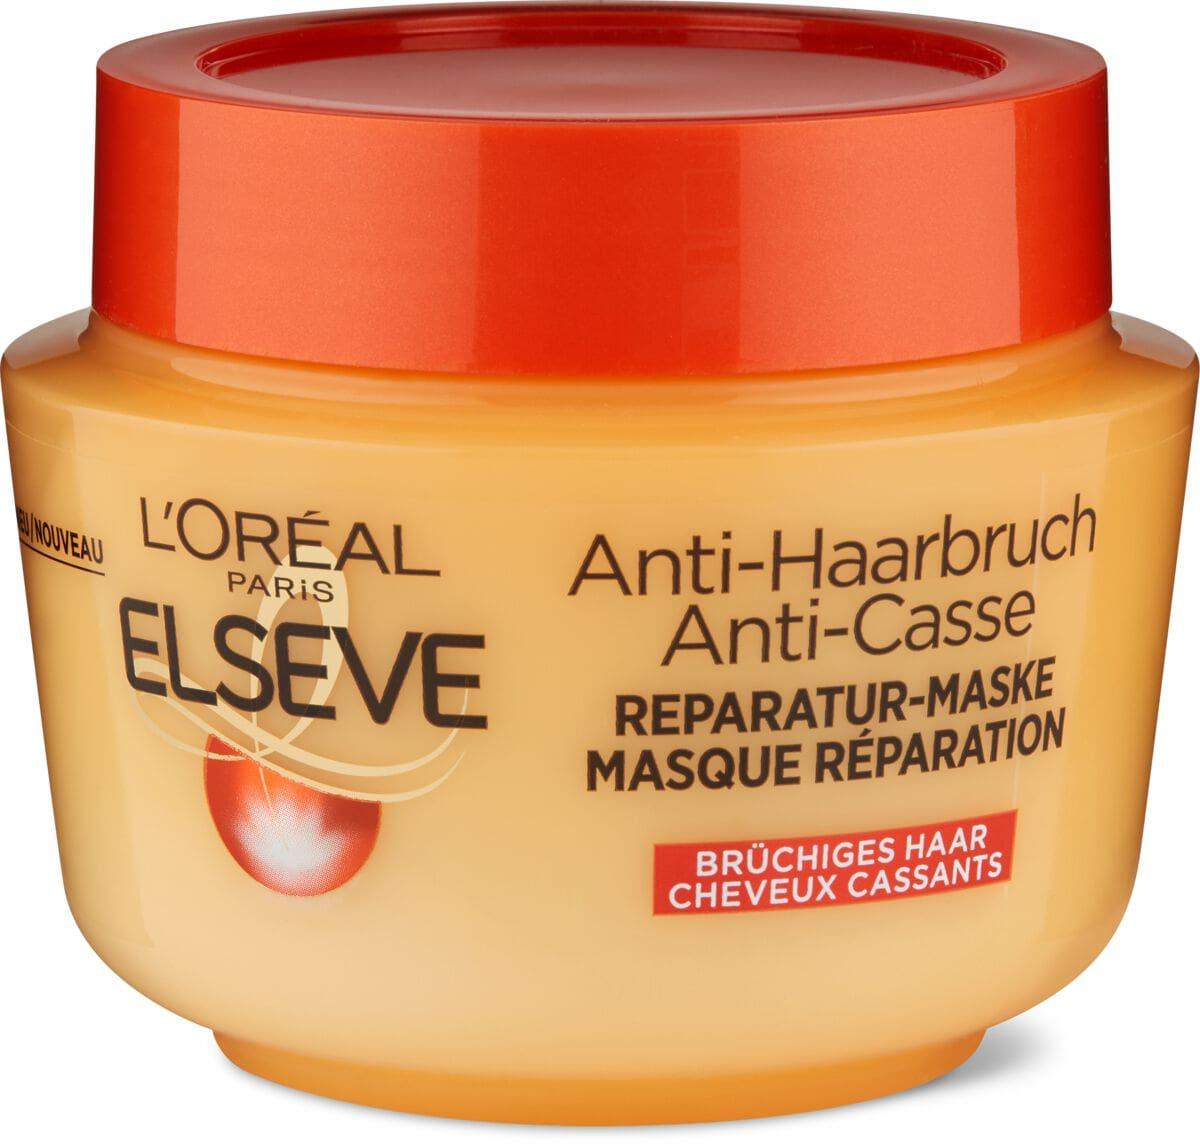 L'Oréal Elseve Masque Anti-Casse